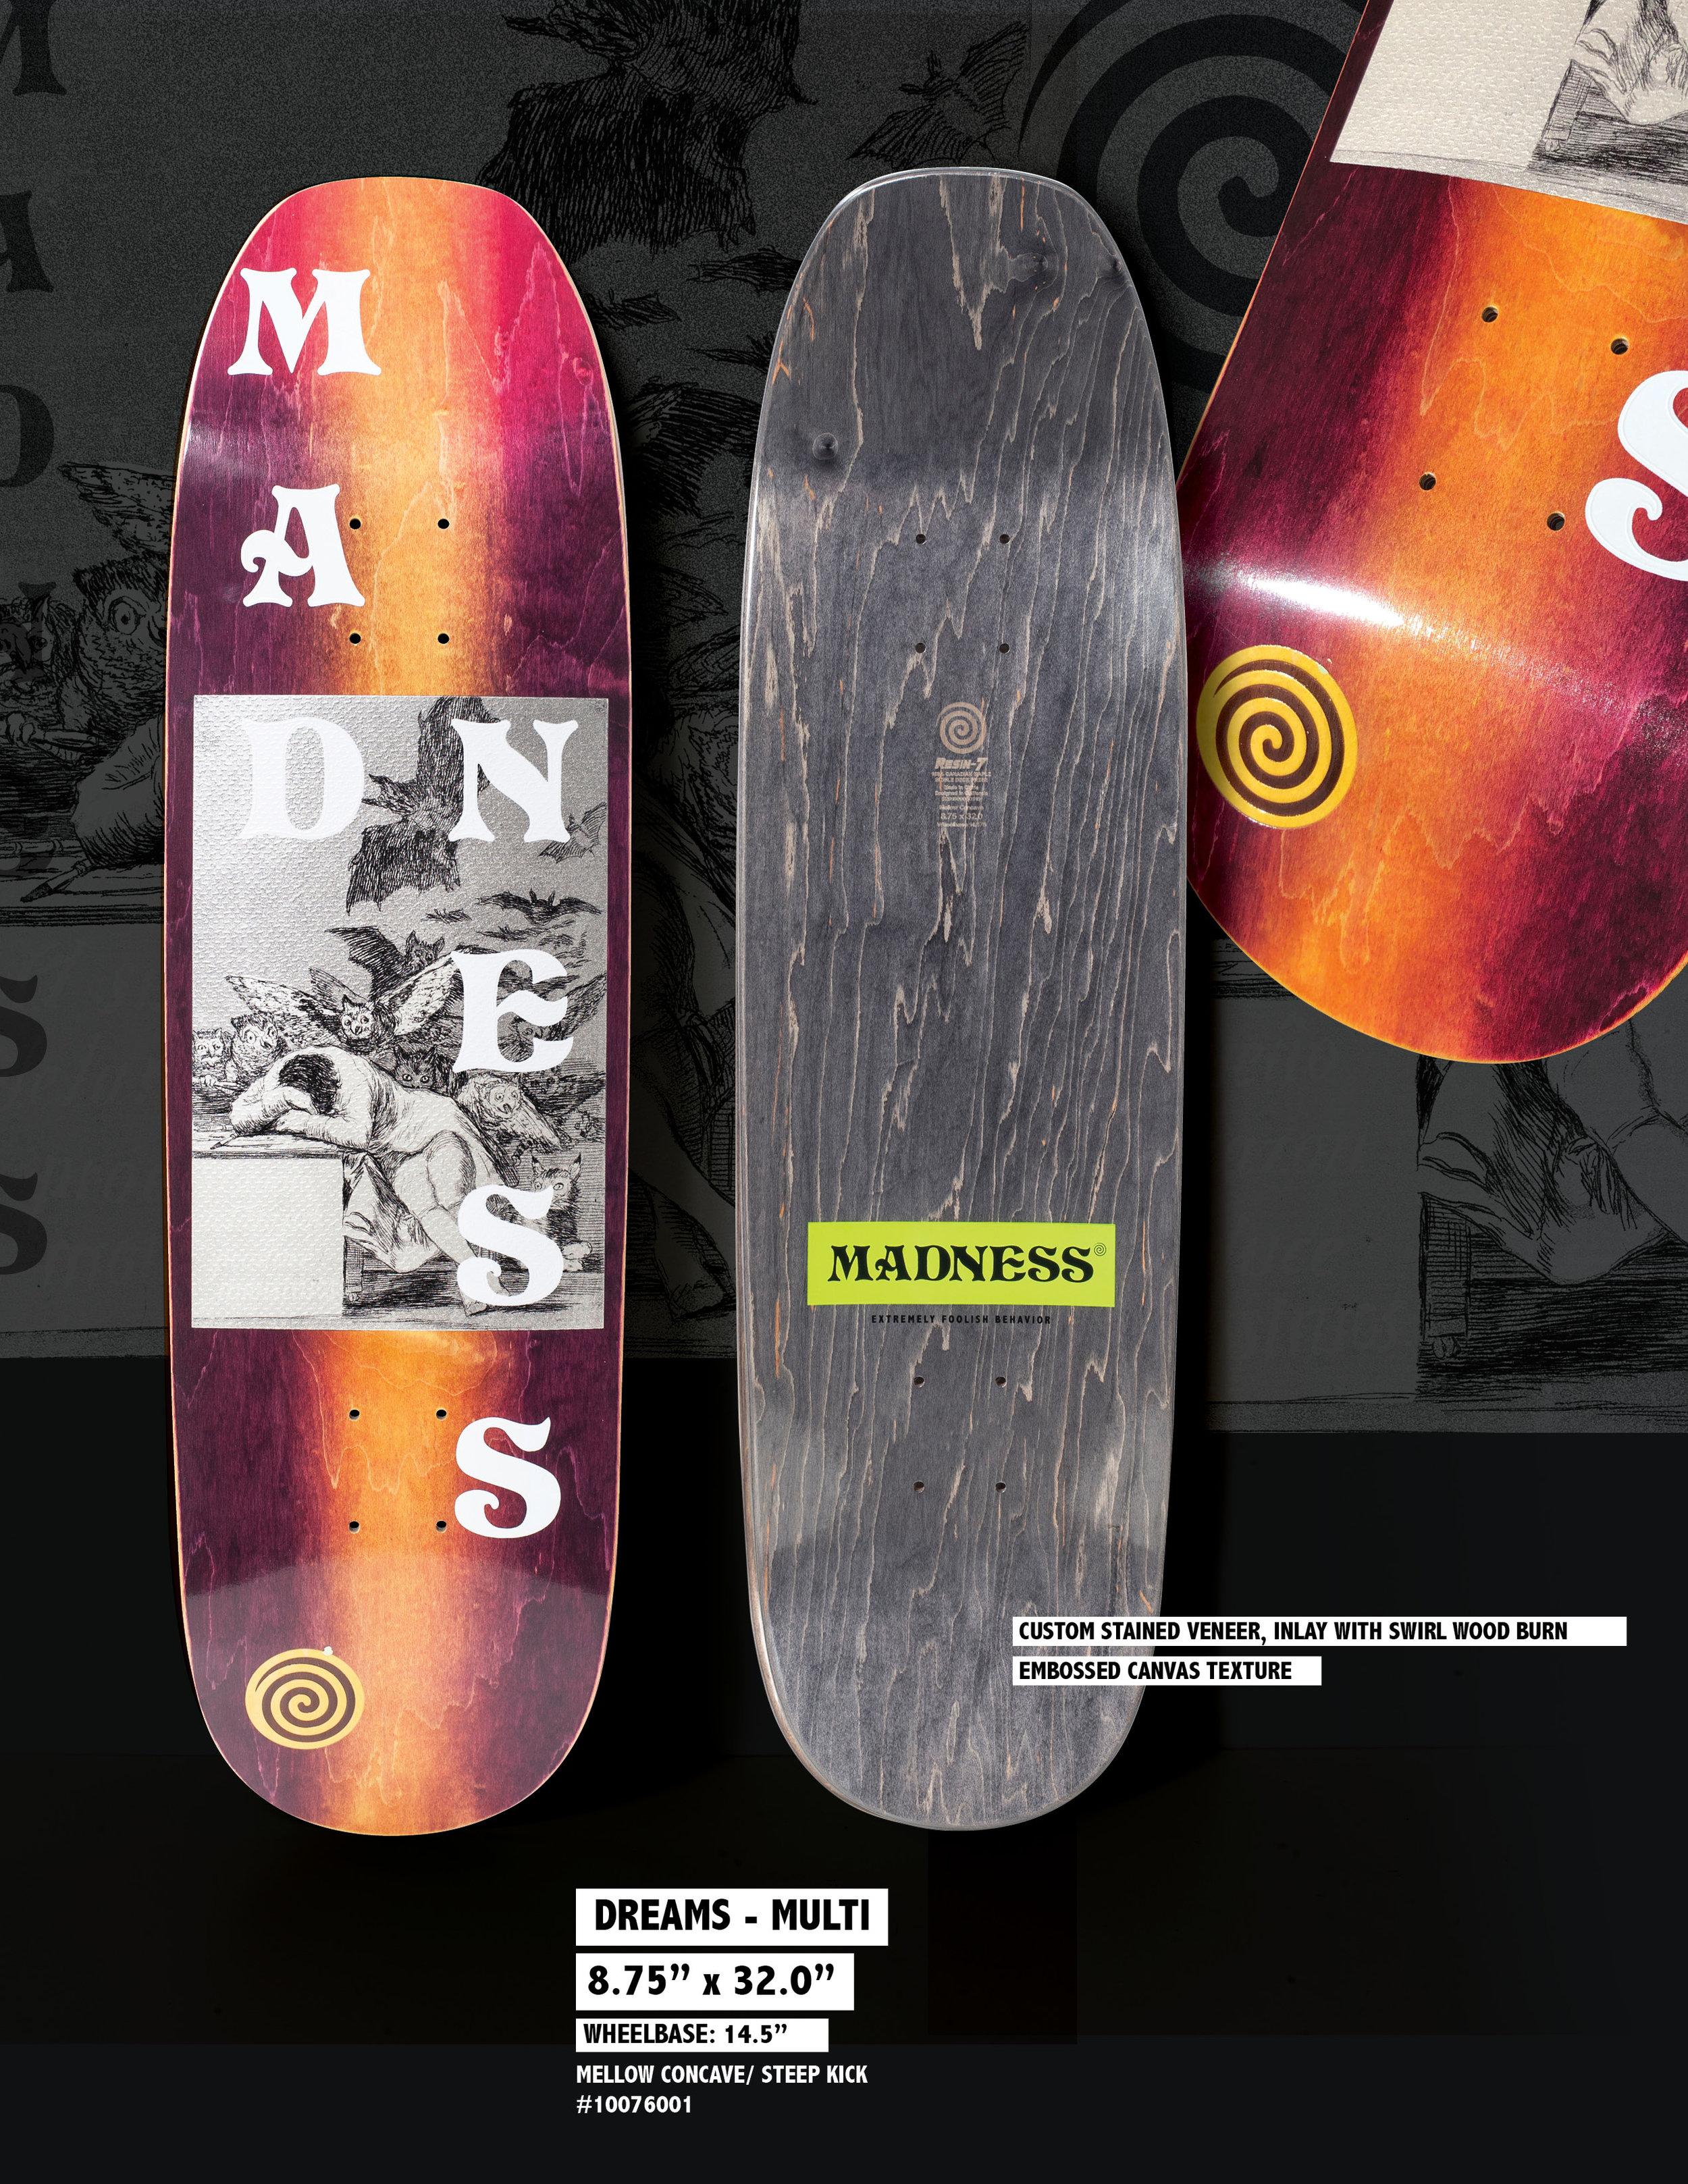 Madness_Spring_1912_Dreams__Skateboard_Deck.jpg